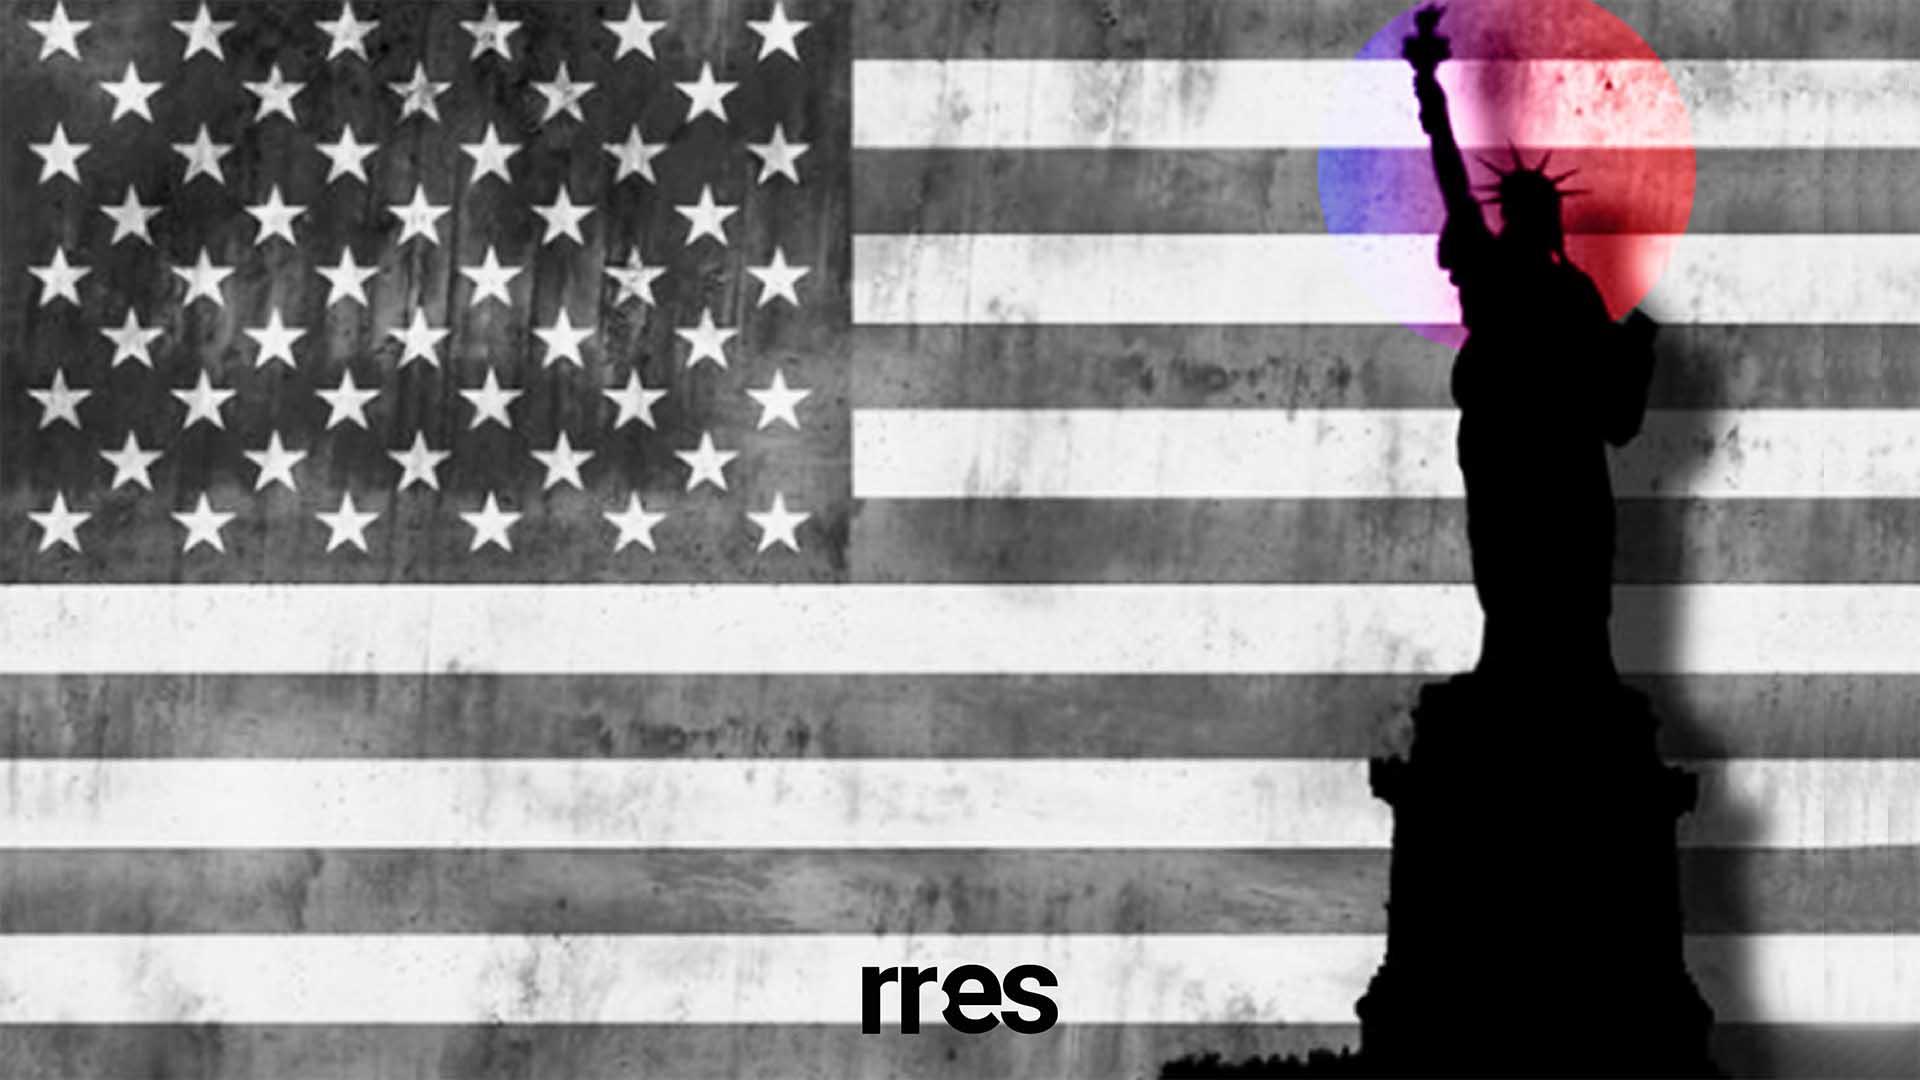 Las elecciones de los Estados Unidos, conclusiones y lecciones, por Tony Bianchi*